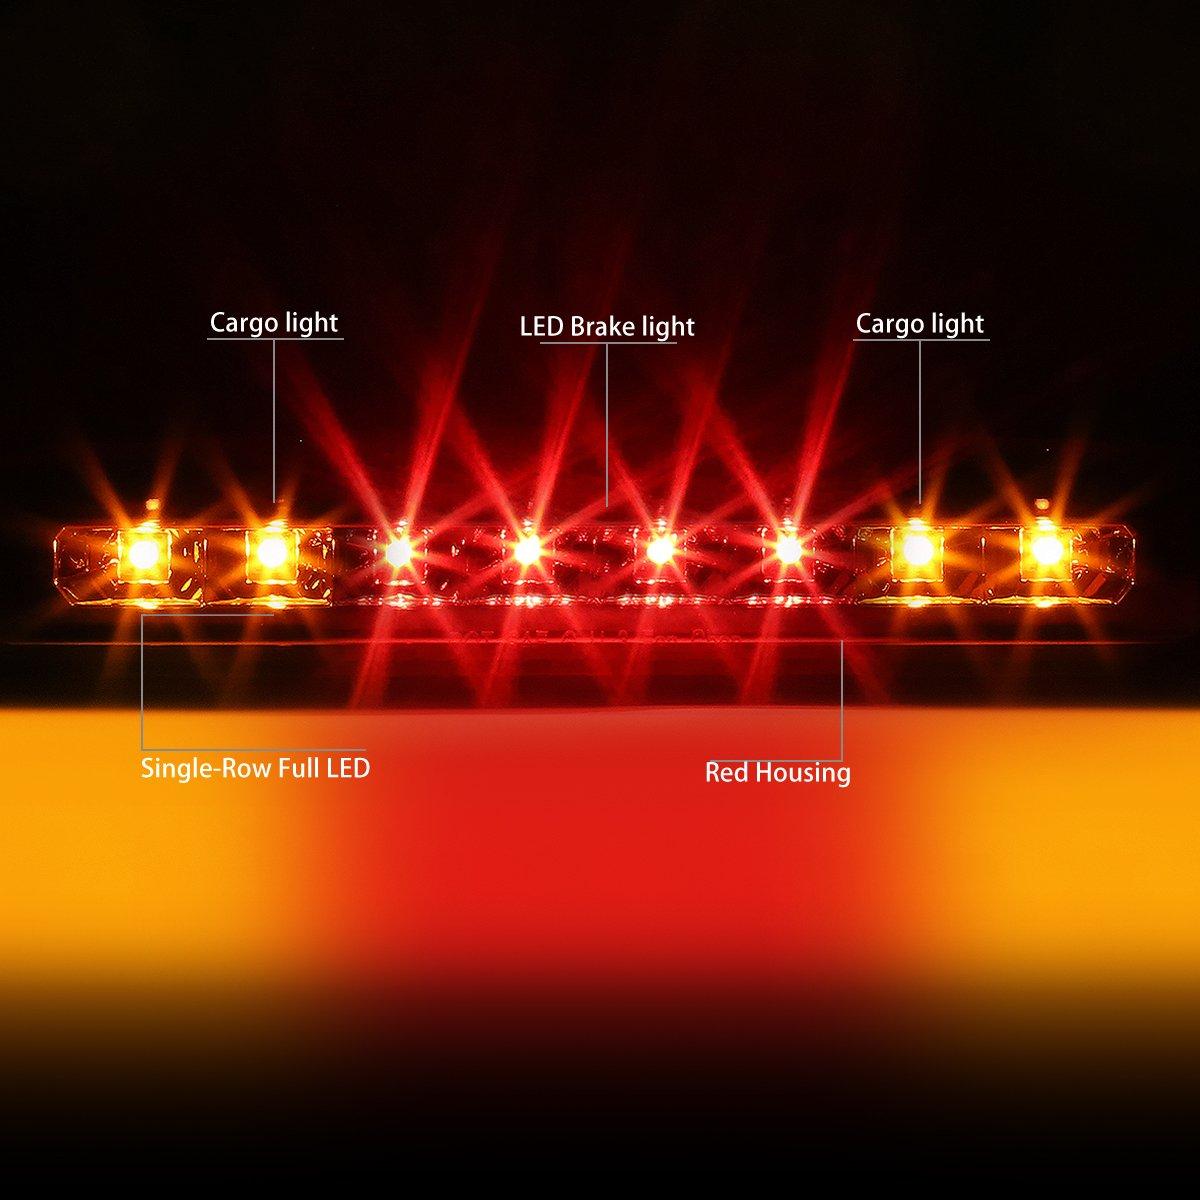 DNA MOTORING 3BL-DKT07-LED-RD Third Brake Light